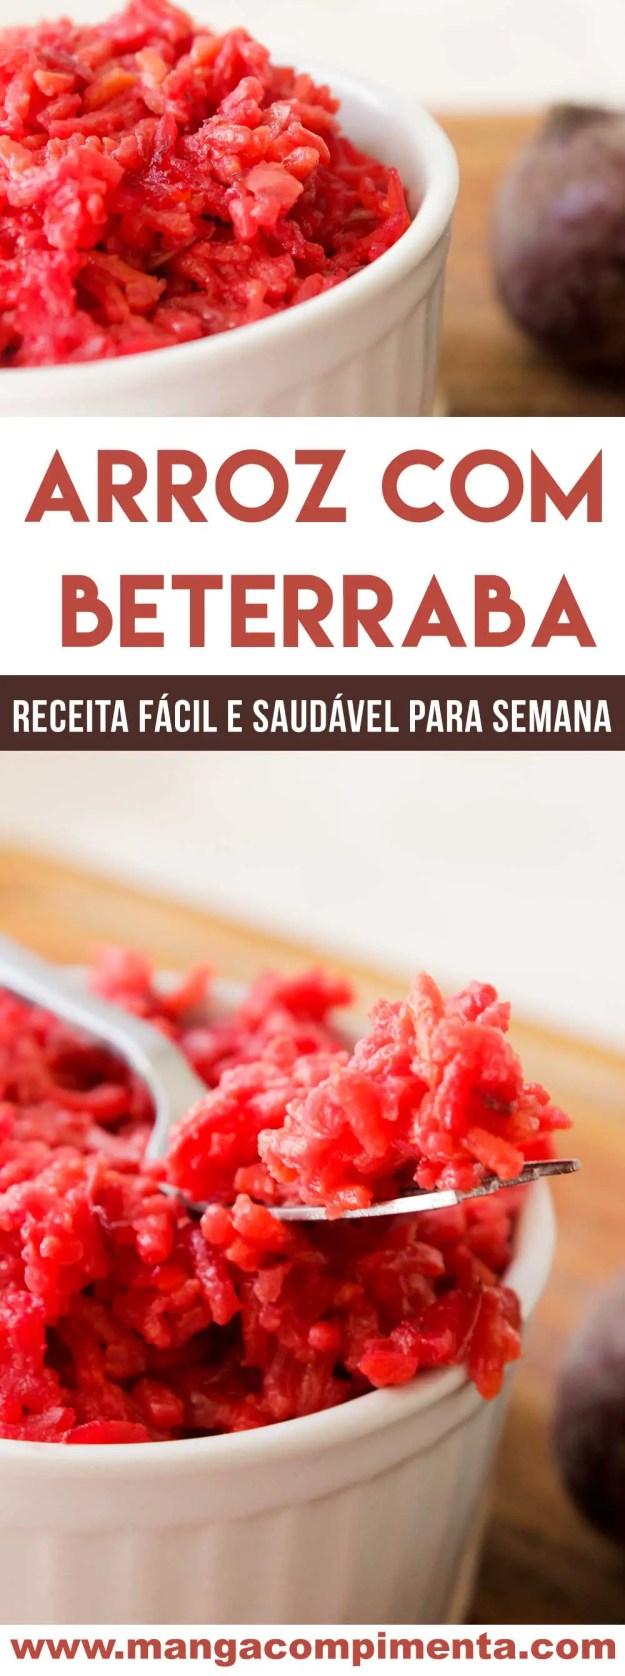 Receita de Arroz com Beterraba - um delicioso e nutritivo prato para o almoço da família!